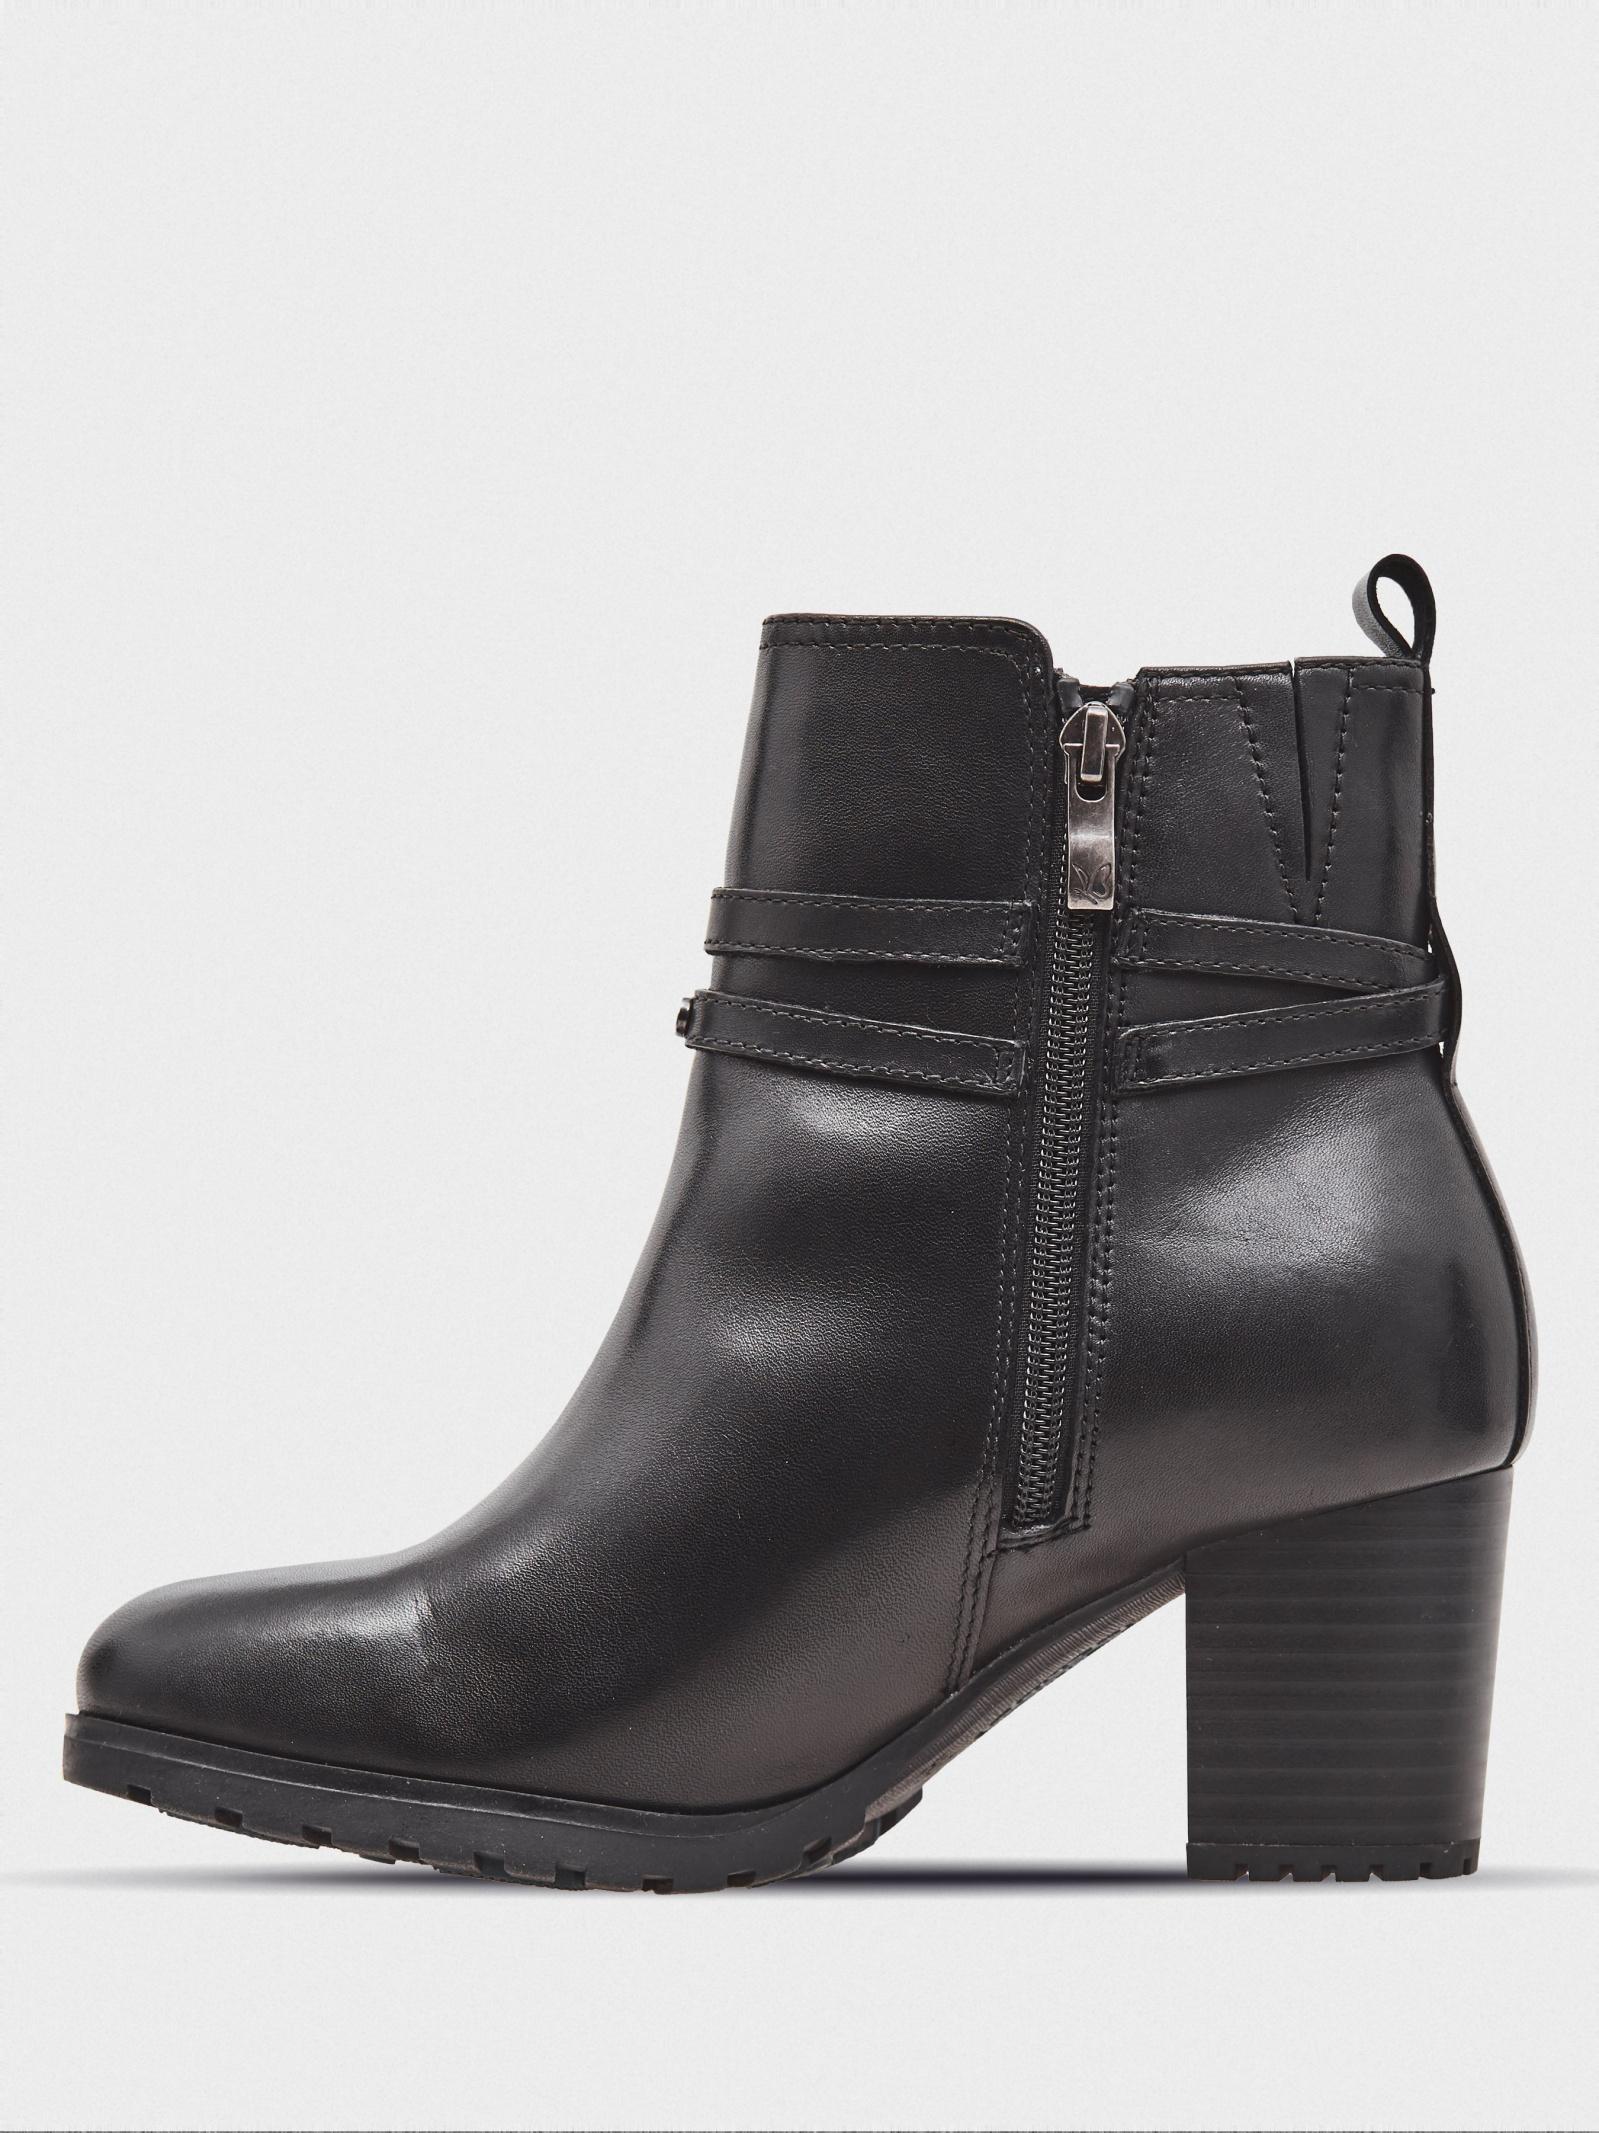 Ботинки для женщин Caprice EO279 размерная сетка обуви, 2017